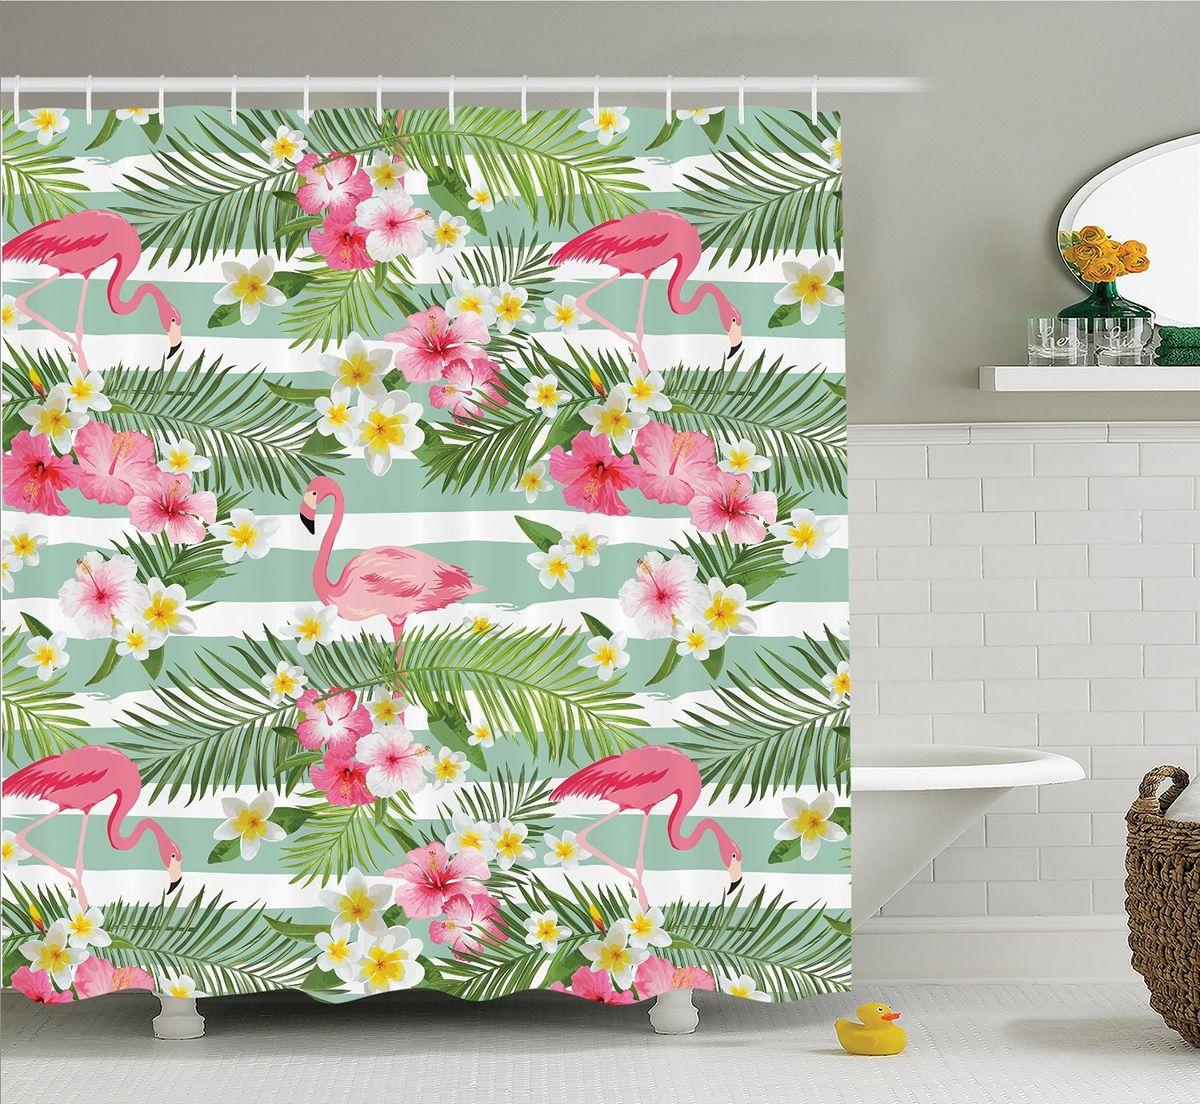 Штора для ванной комнаты Magic Lady Фламинго среди листьев и цветов, 180 х 200 смшв_14665Штора Magic Lady Фламинго среди листьев и цветов, изготовленная из высококачественного сатена (полиэстер 100%), отлично дополнит любой интерьер ванной комнаты. При изготовлении используются специальные гипоаллергенные чернила для прямой печати по ткани, безопасные для человека. В комплекте: 1 штора, 12 крючков. Обращаем ваше внимание, фактический цвет изделия может незначительно отличаться от представленного на фото.